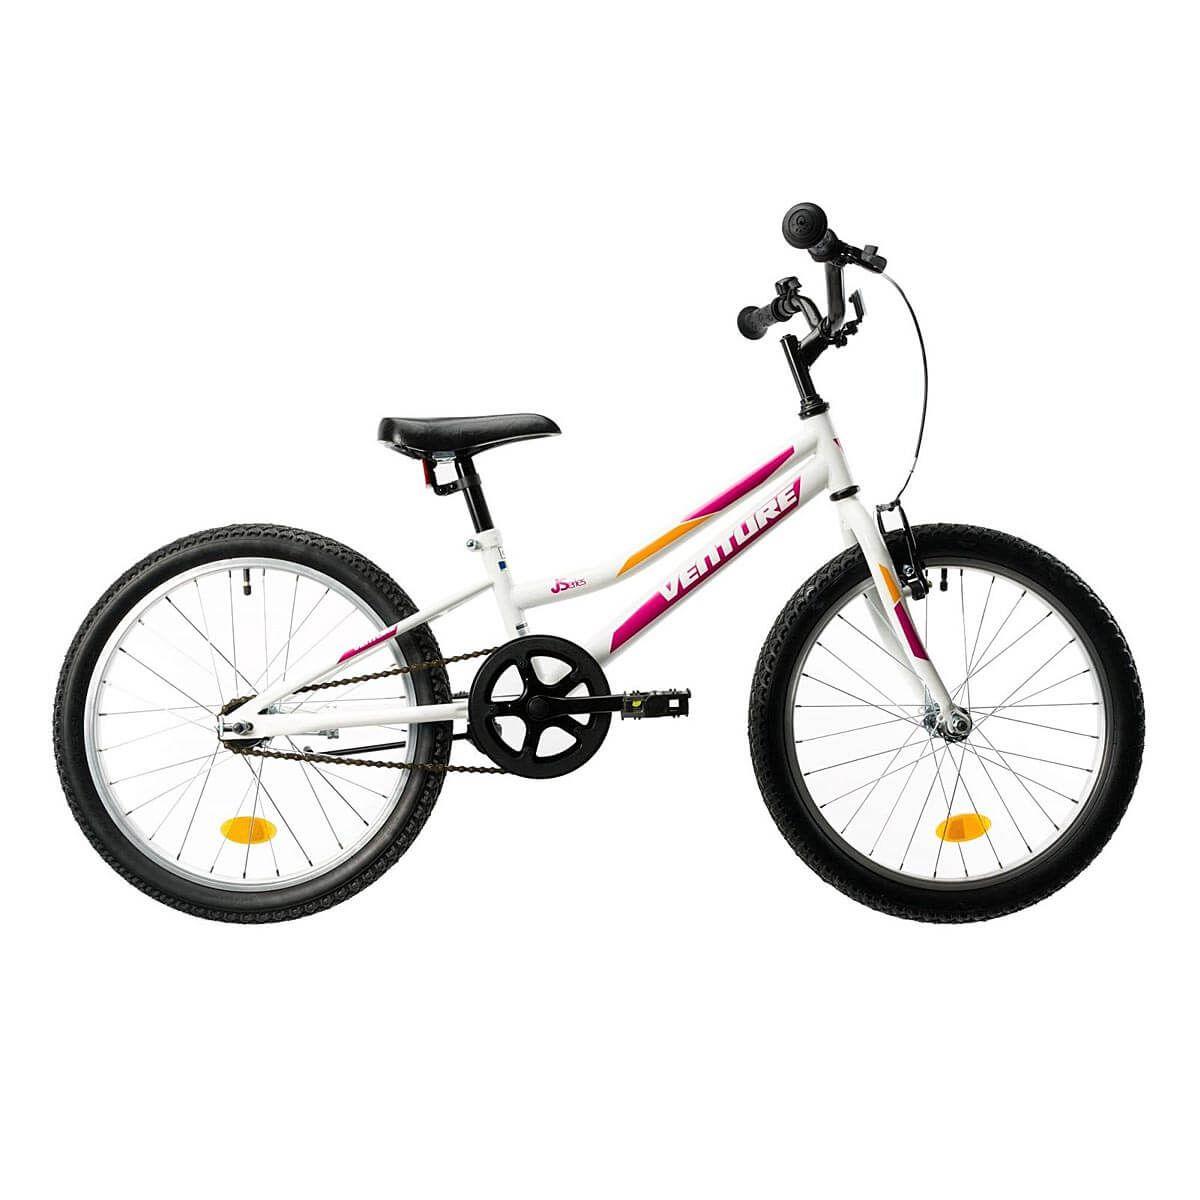 Bicicleta copii DHS Venture 2011, 20 inch, Alb-Roz